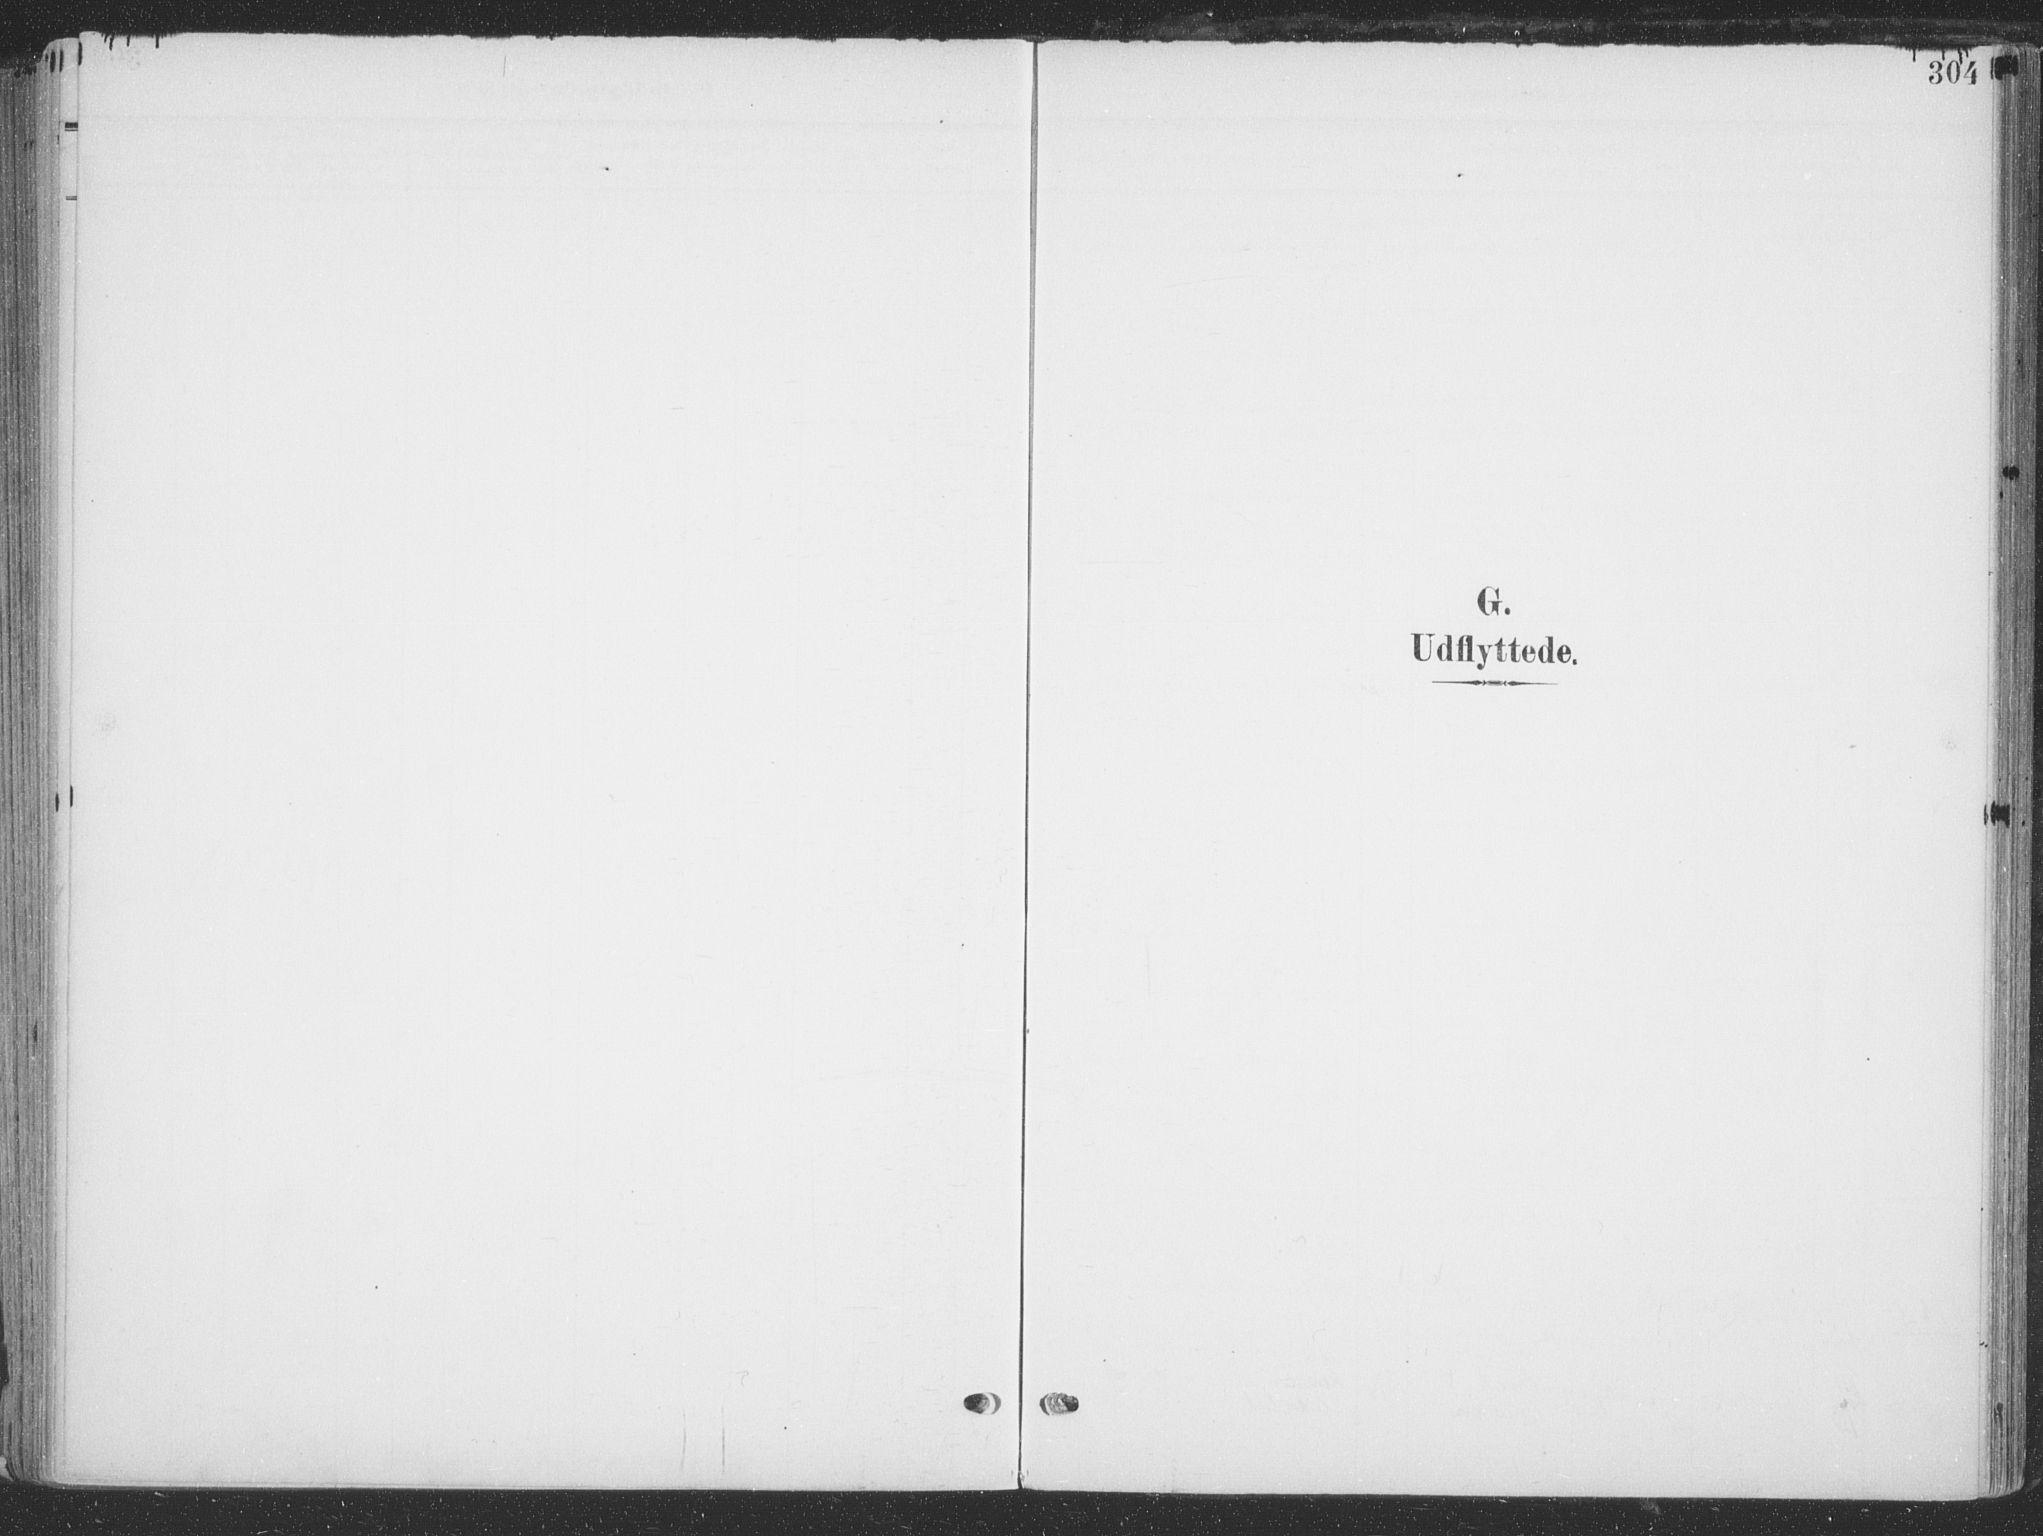 SATØ, Tana sokneprestkontor, H/Ha/L0007kirke: Ministerialbok nr. 7, 1904-1918, s. 304